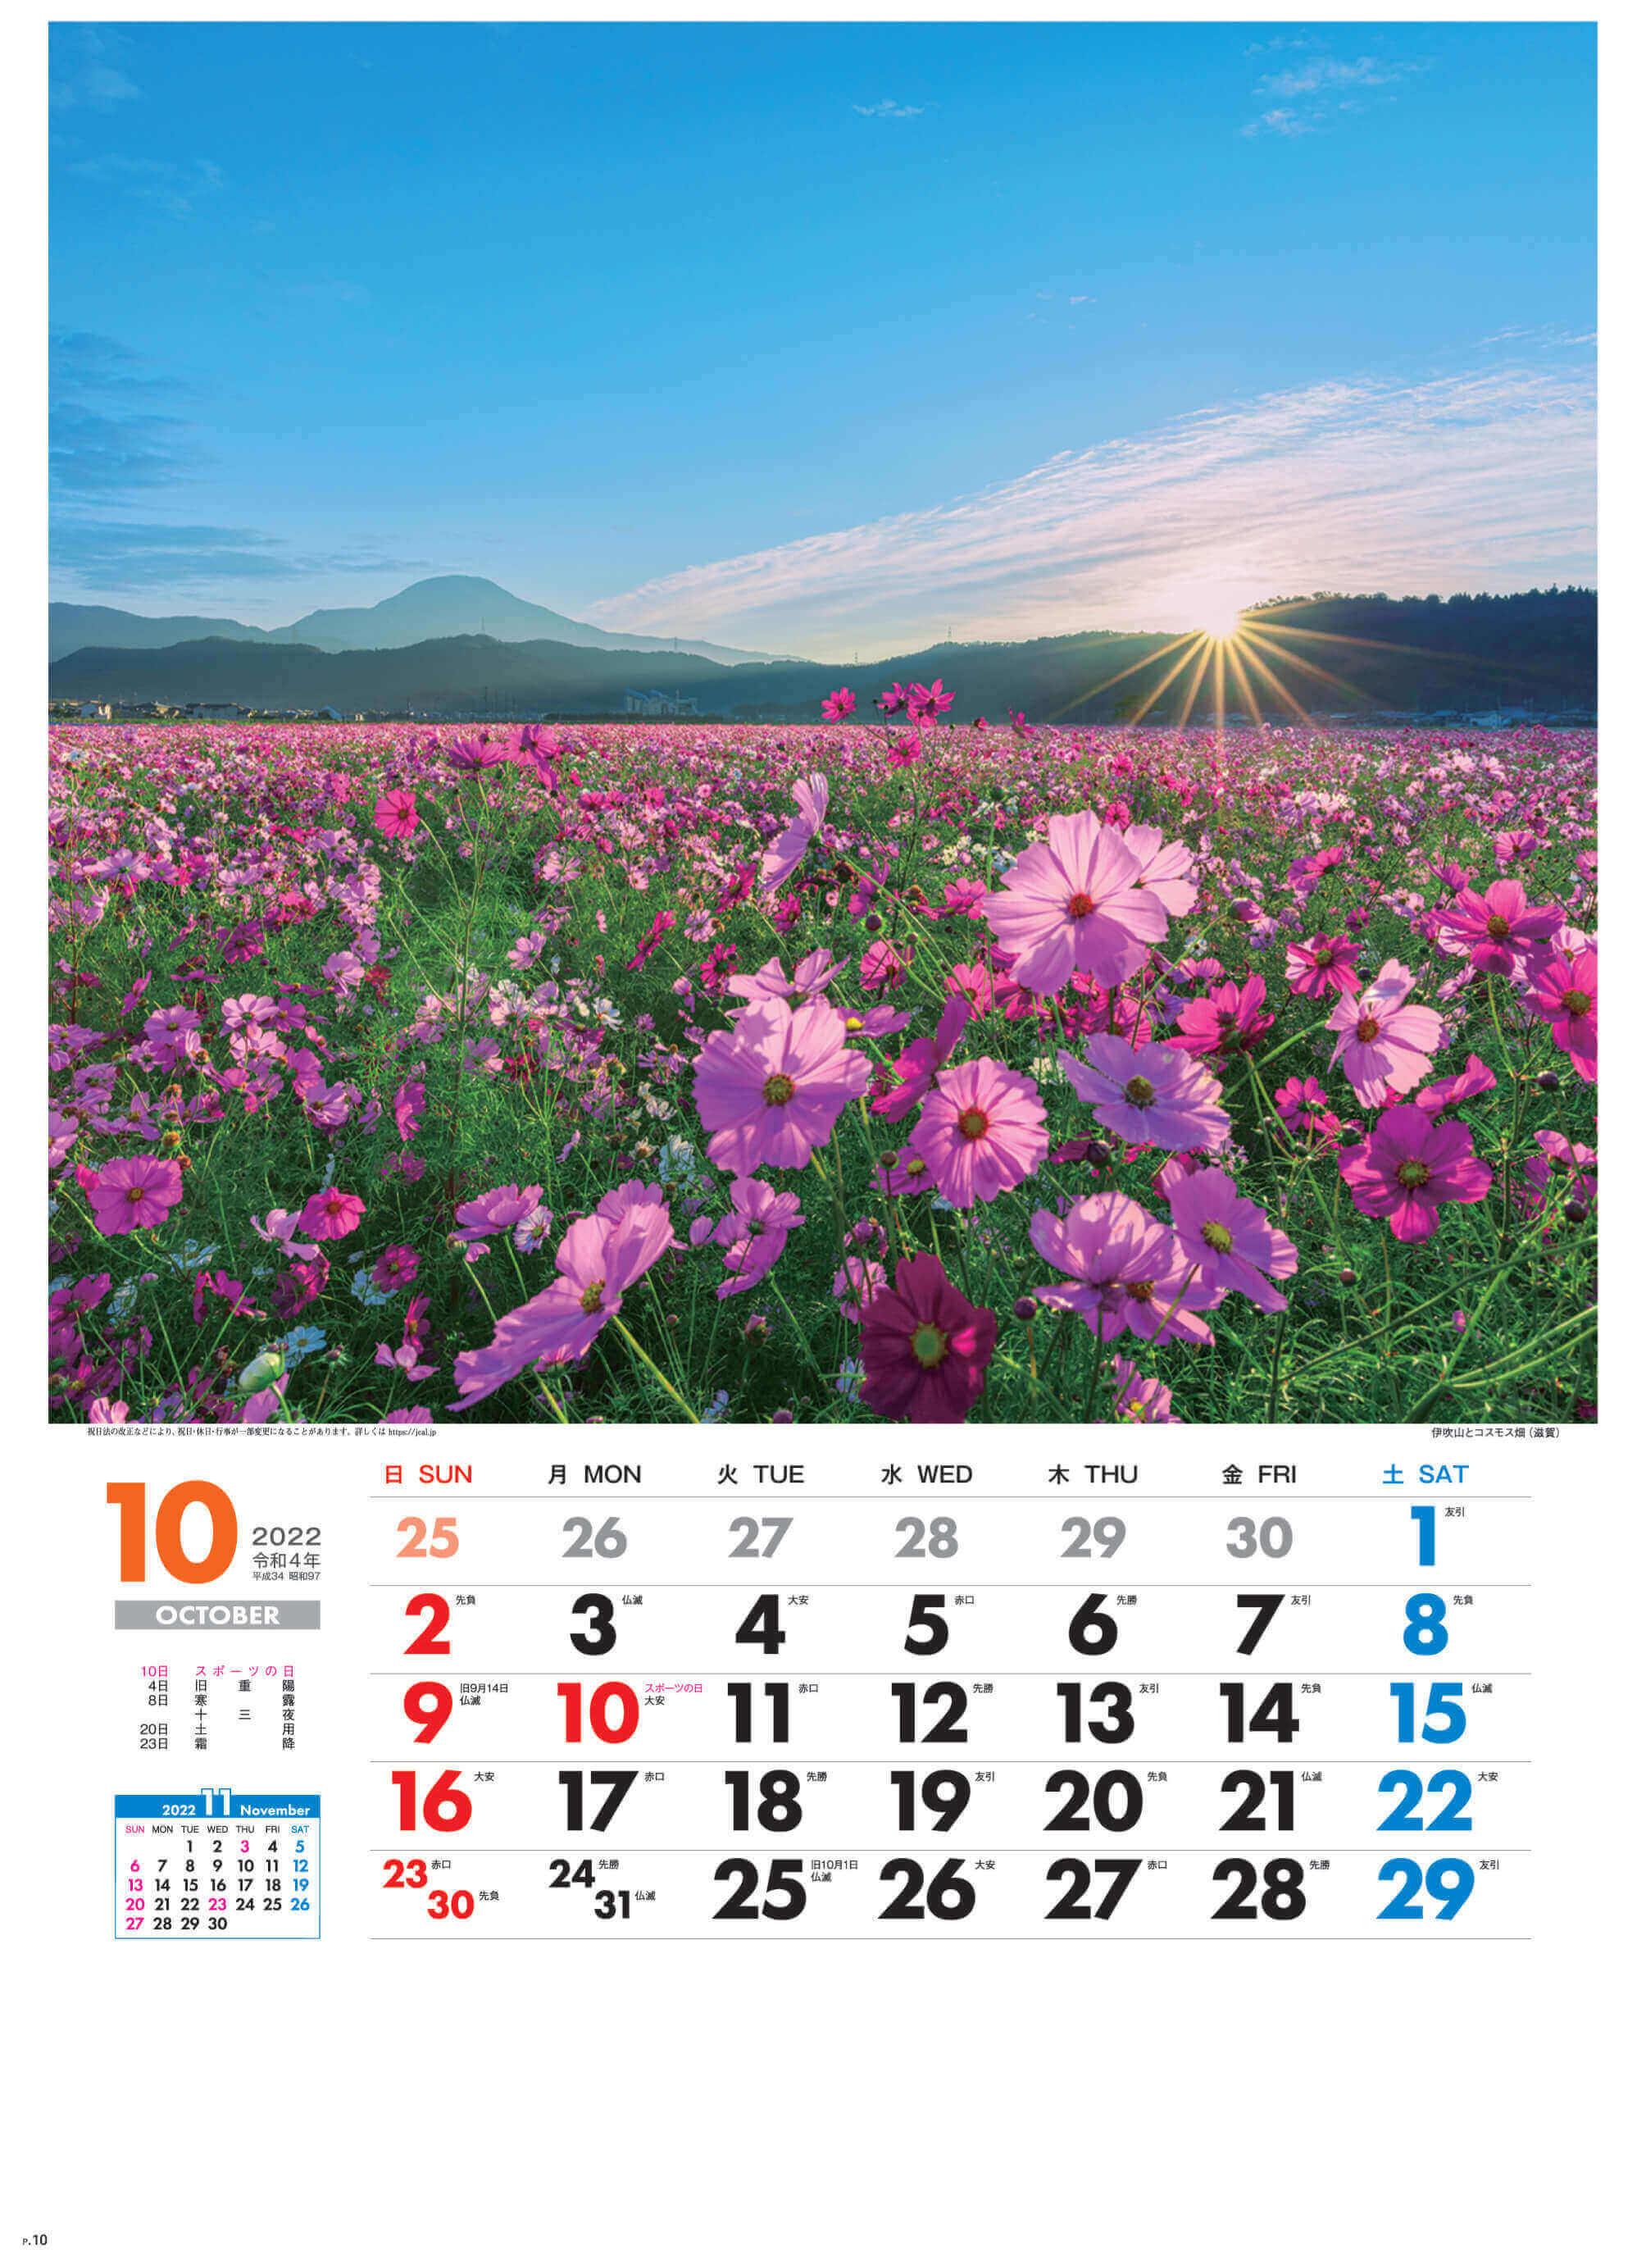 10月 伊吹山とコスモス畑(滋賀) 美しき日本 2022年カレンダーの画像